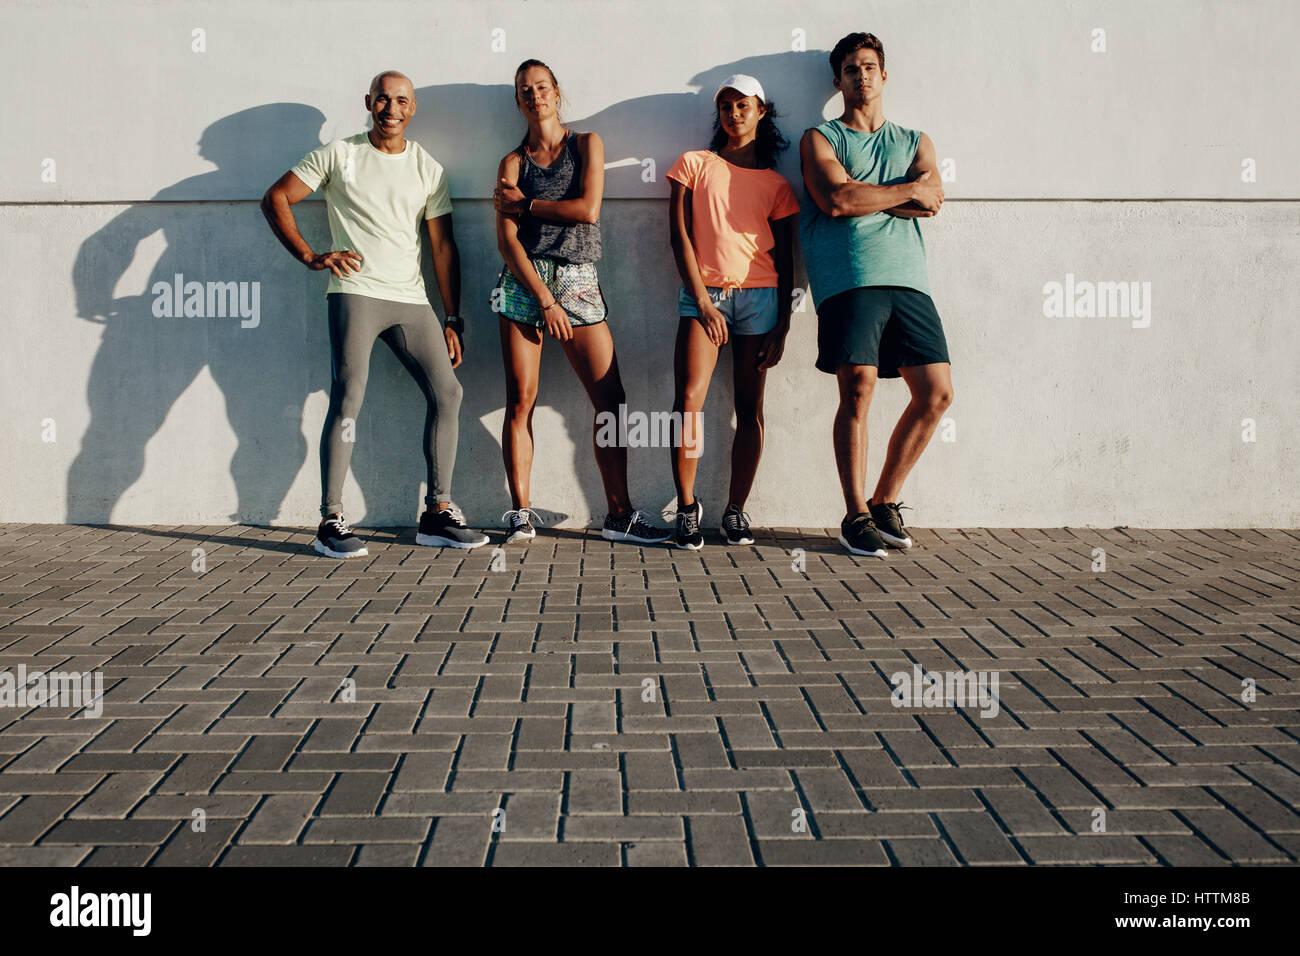 Disparo de longitud completa de jóvenes amigos posando juntos. Grupo de fitness parados por un muro exterior. Imagen De Stock